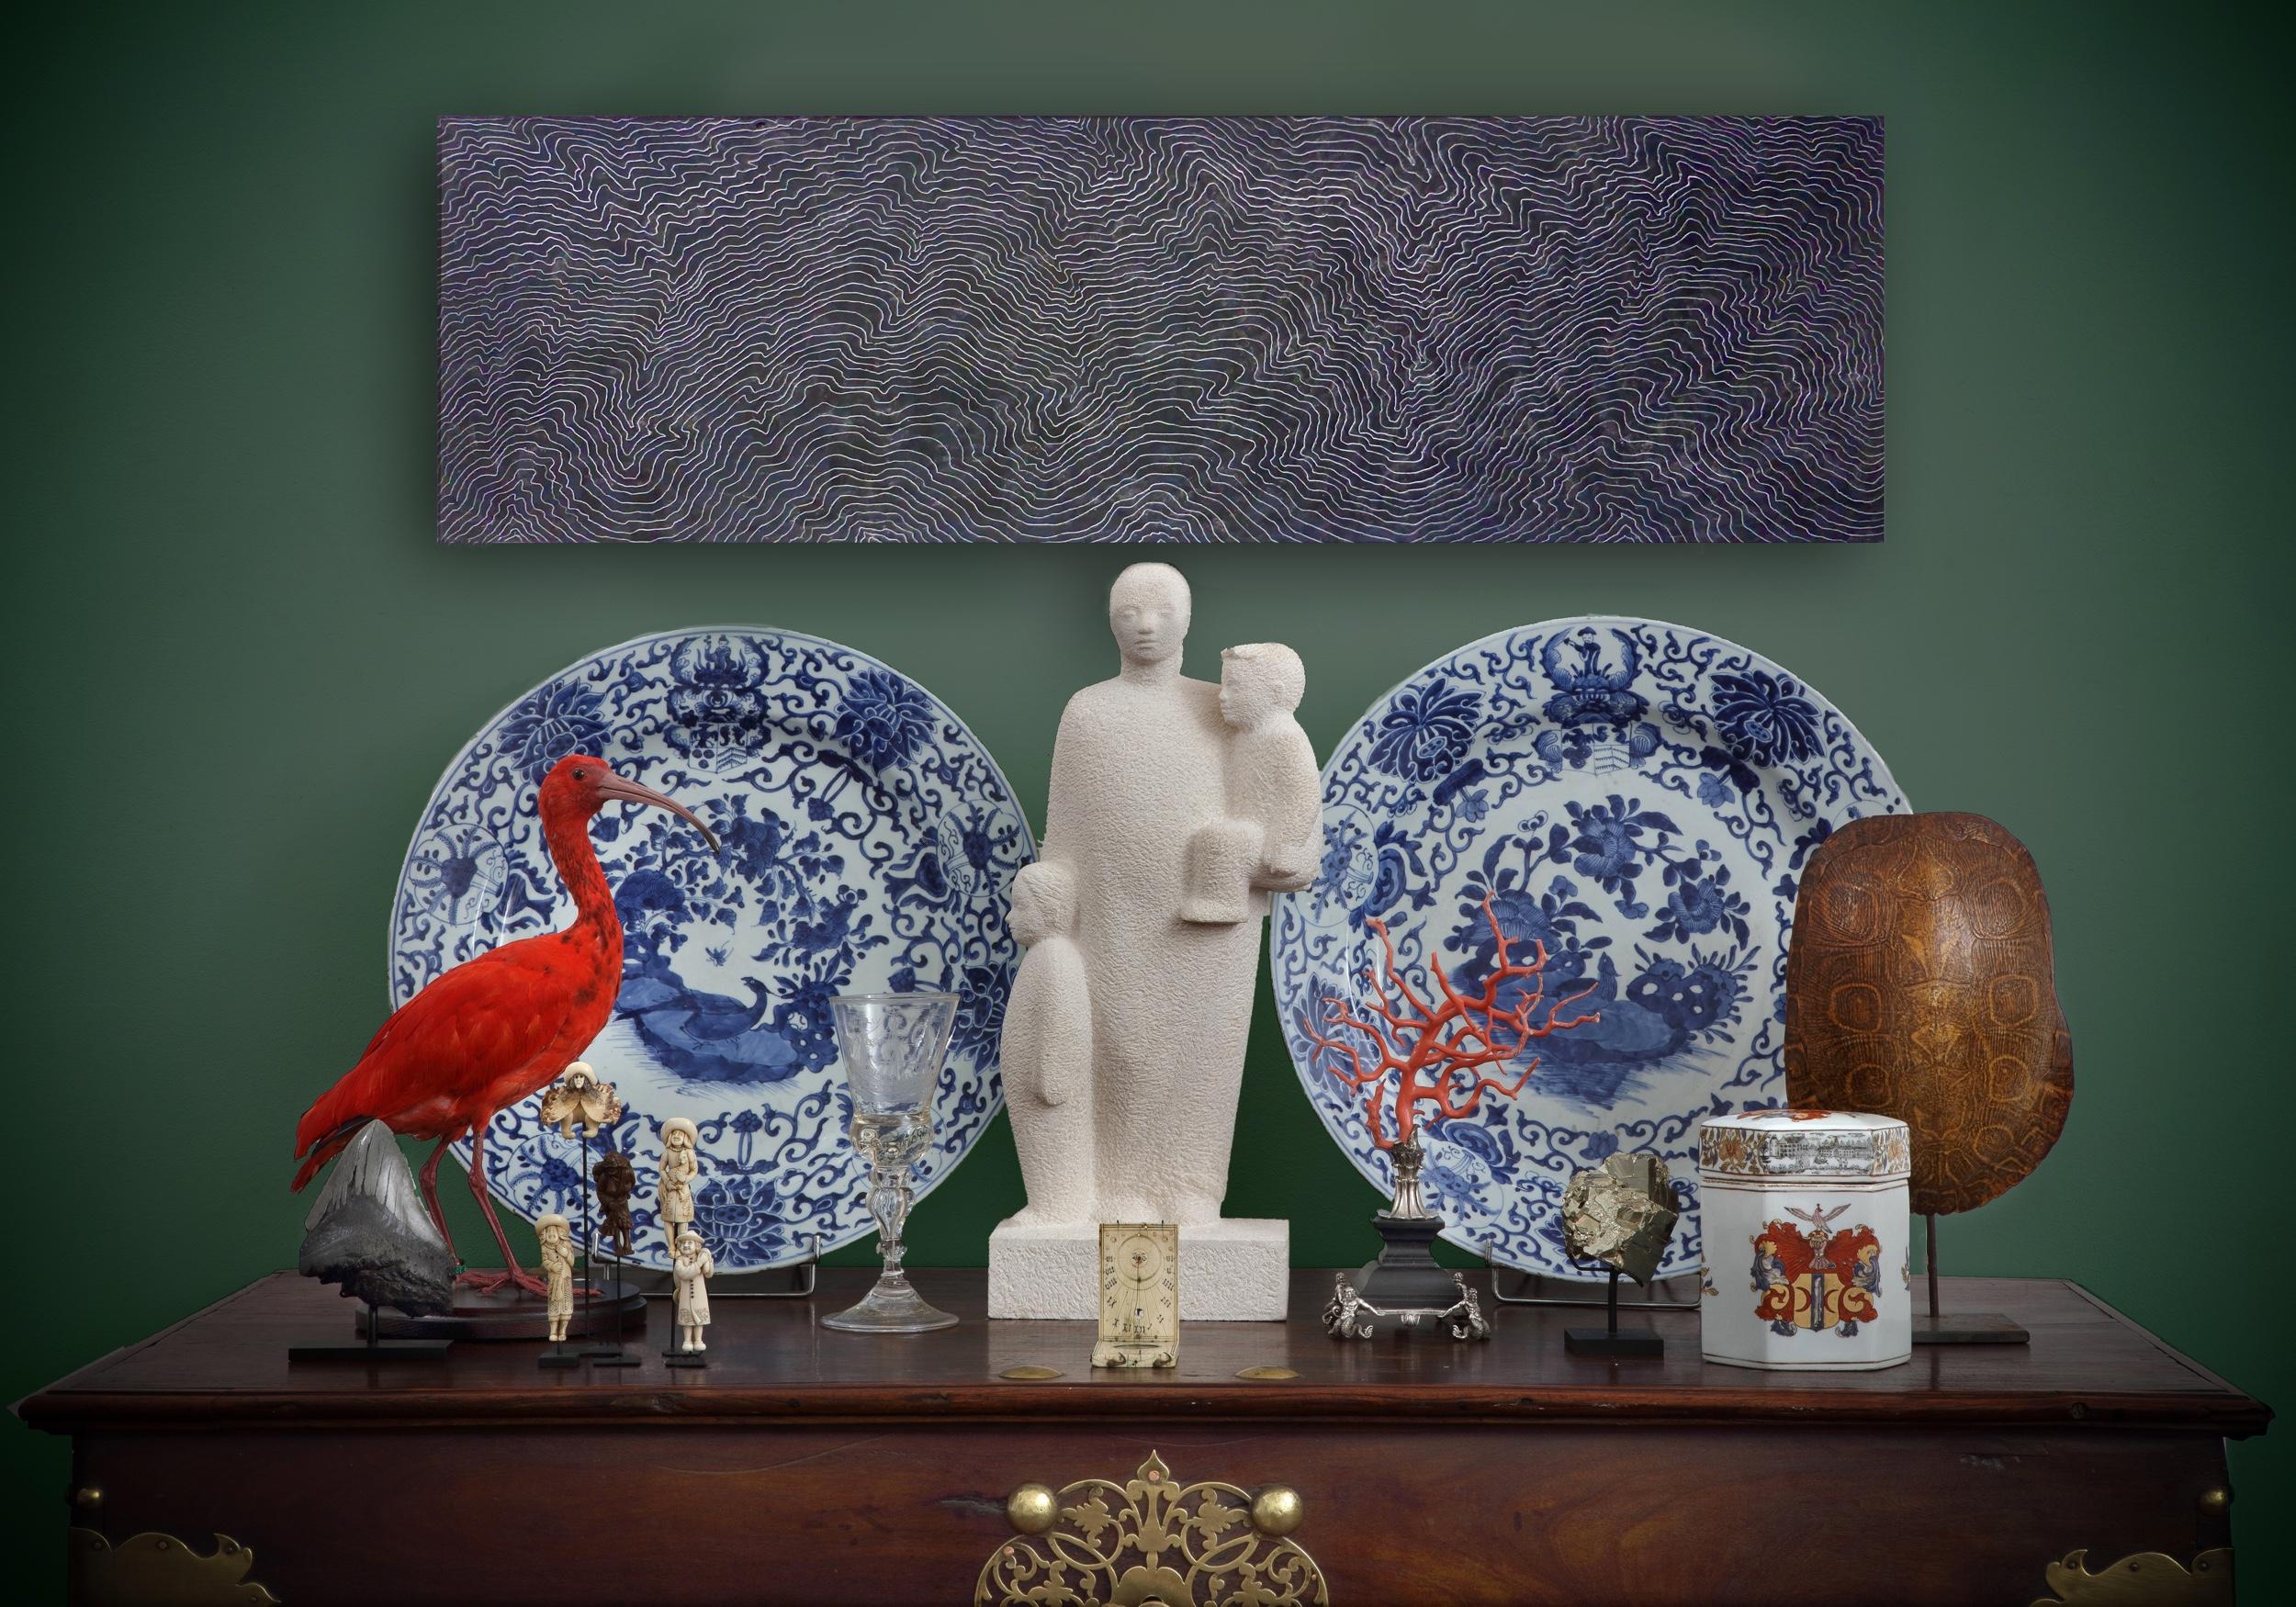 Dorry van Haersolte (werken op papier en hout), Ellie Hahn (beelden) en Guus Röell – Fine Arts & Antiques